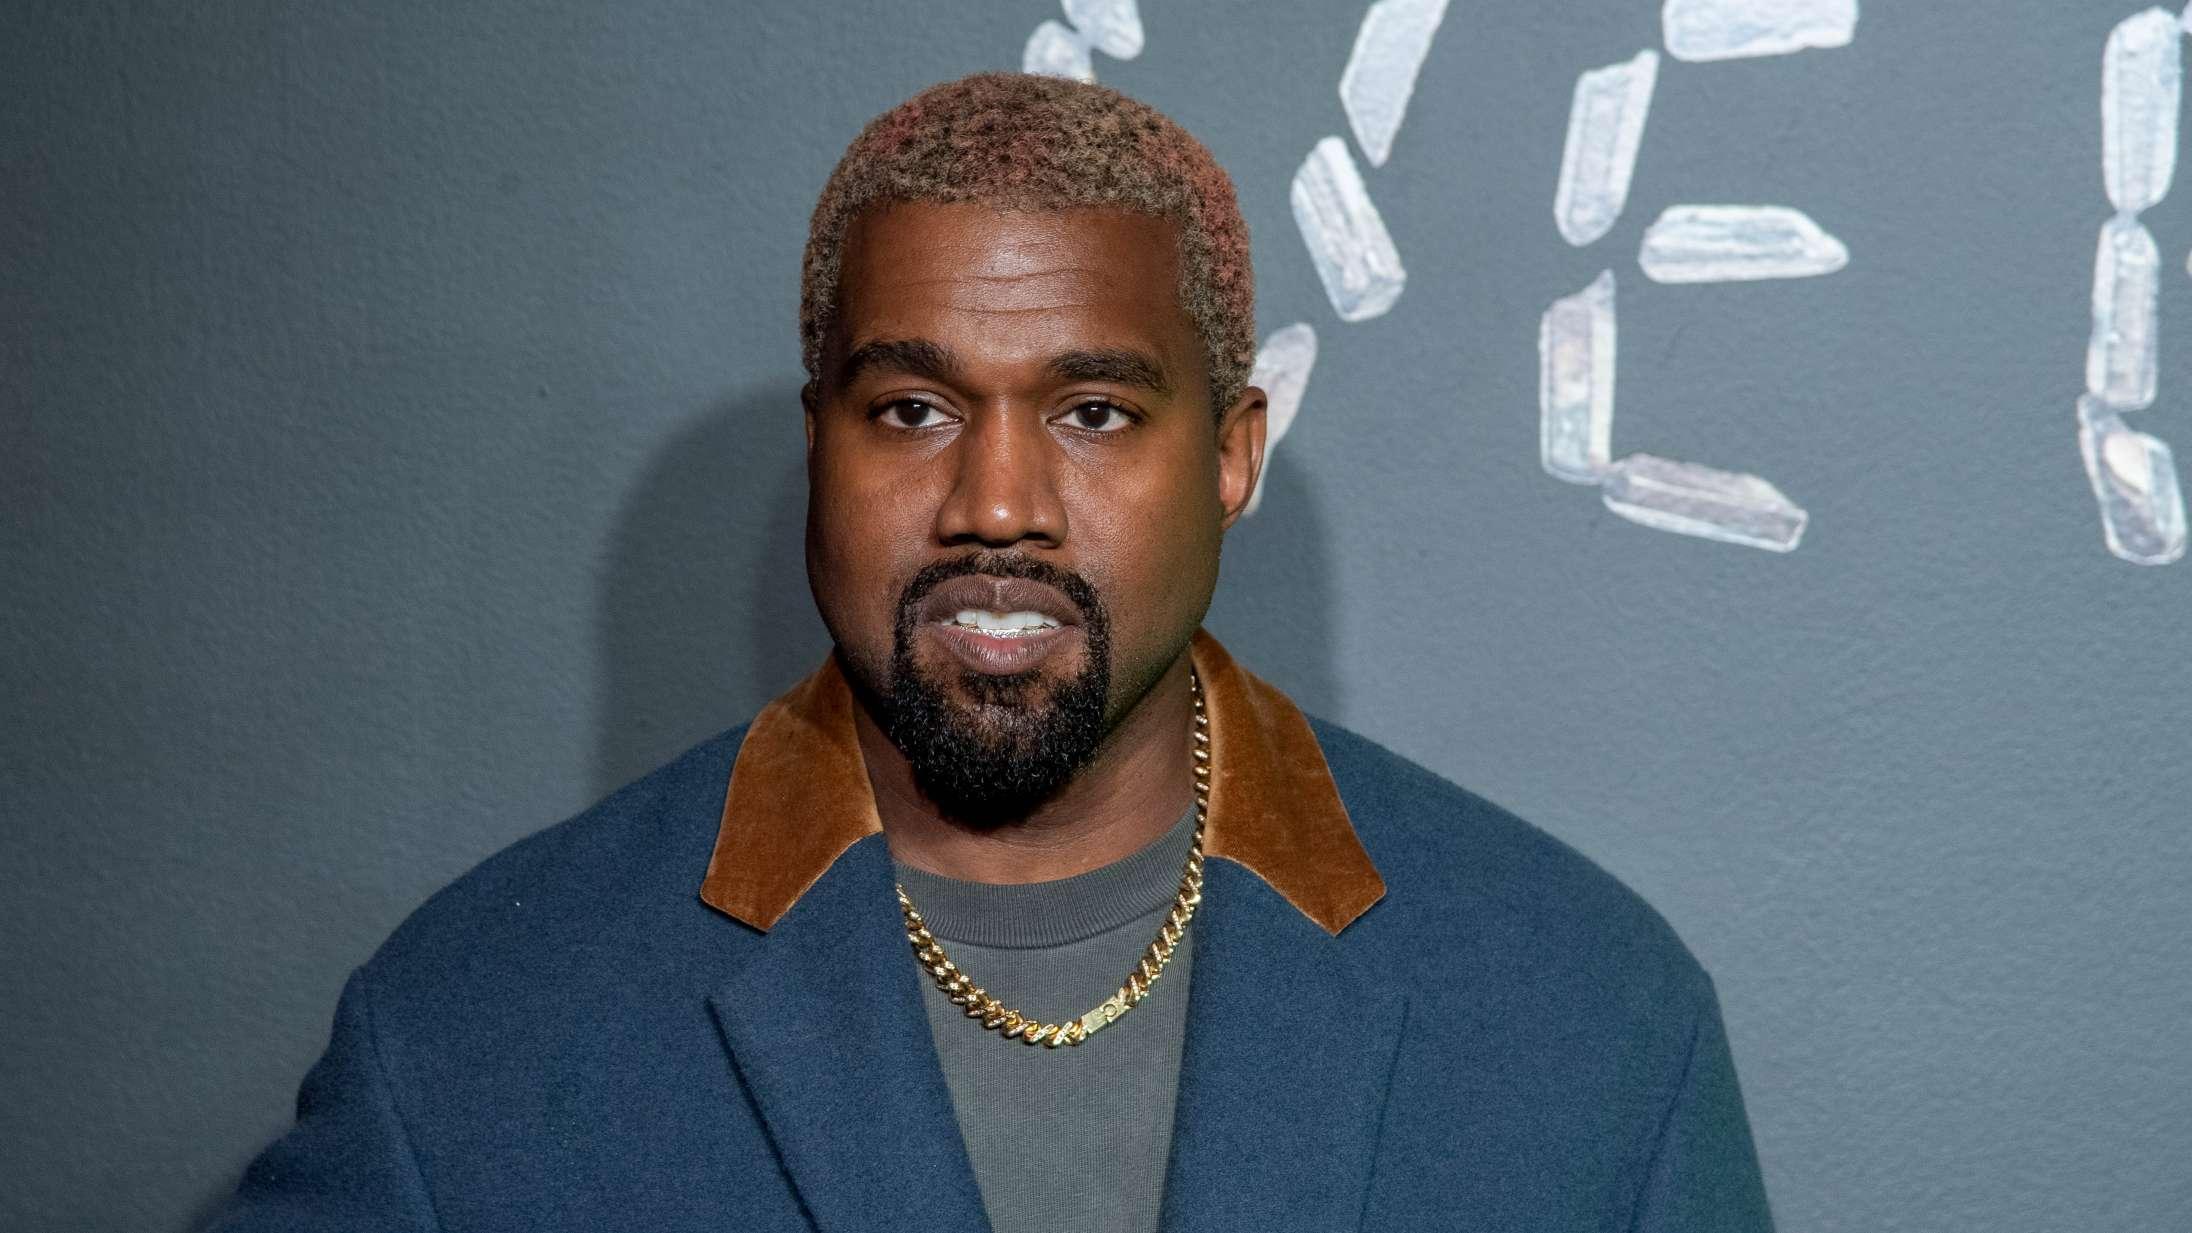 Se videoen til Kanye West nye single med Travis Scott: 'Wash Us in the Blood'